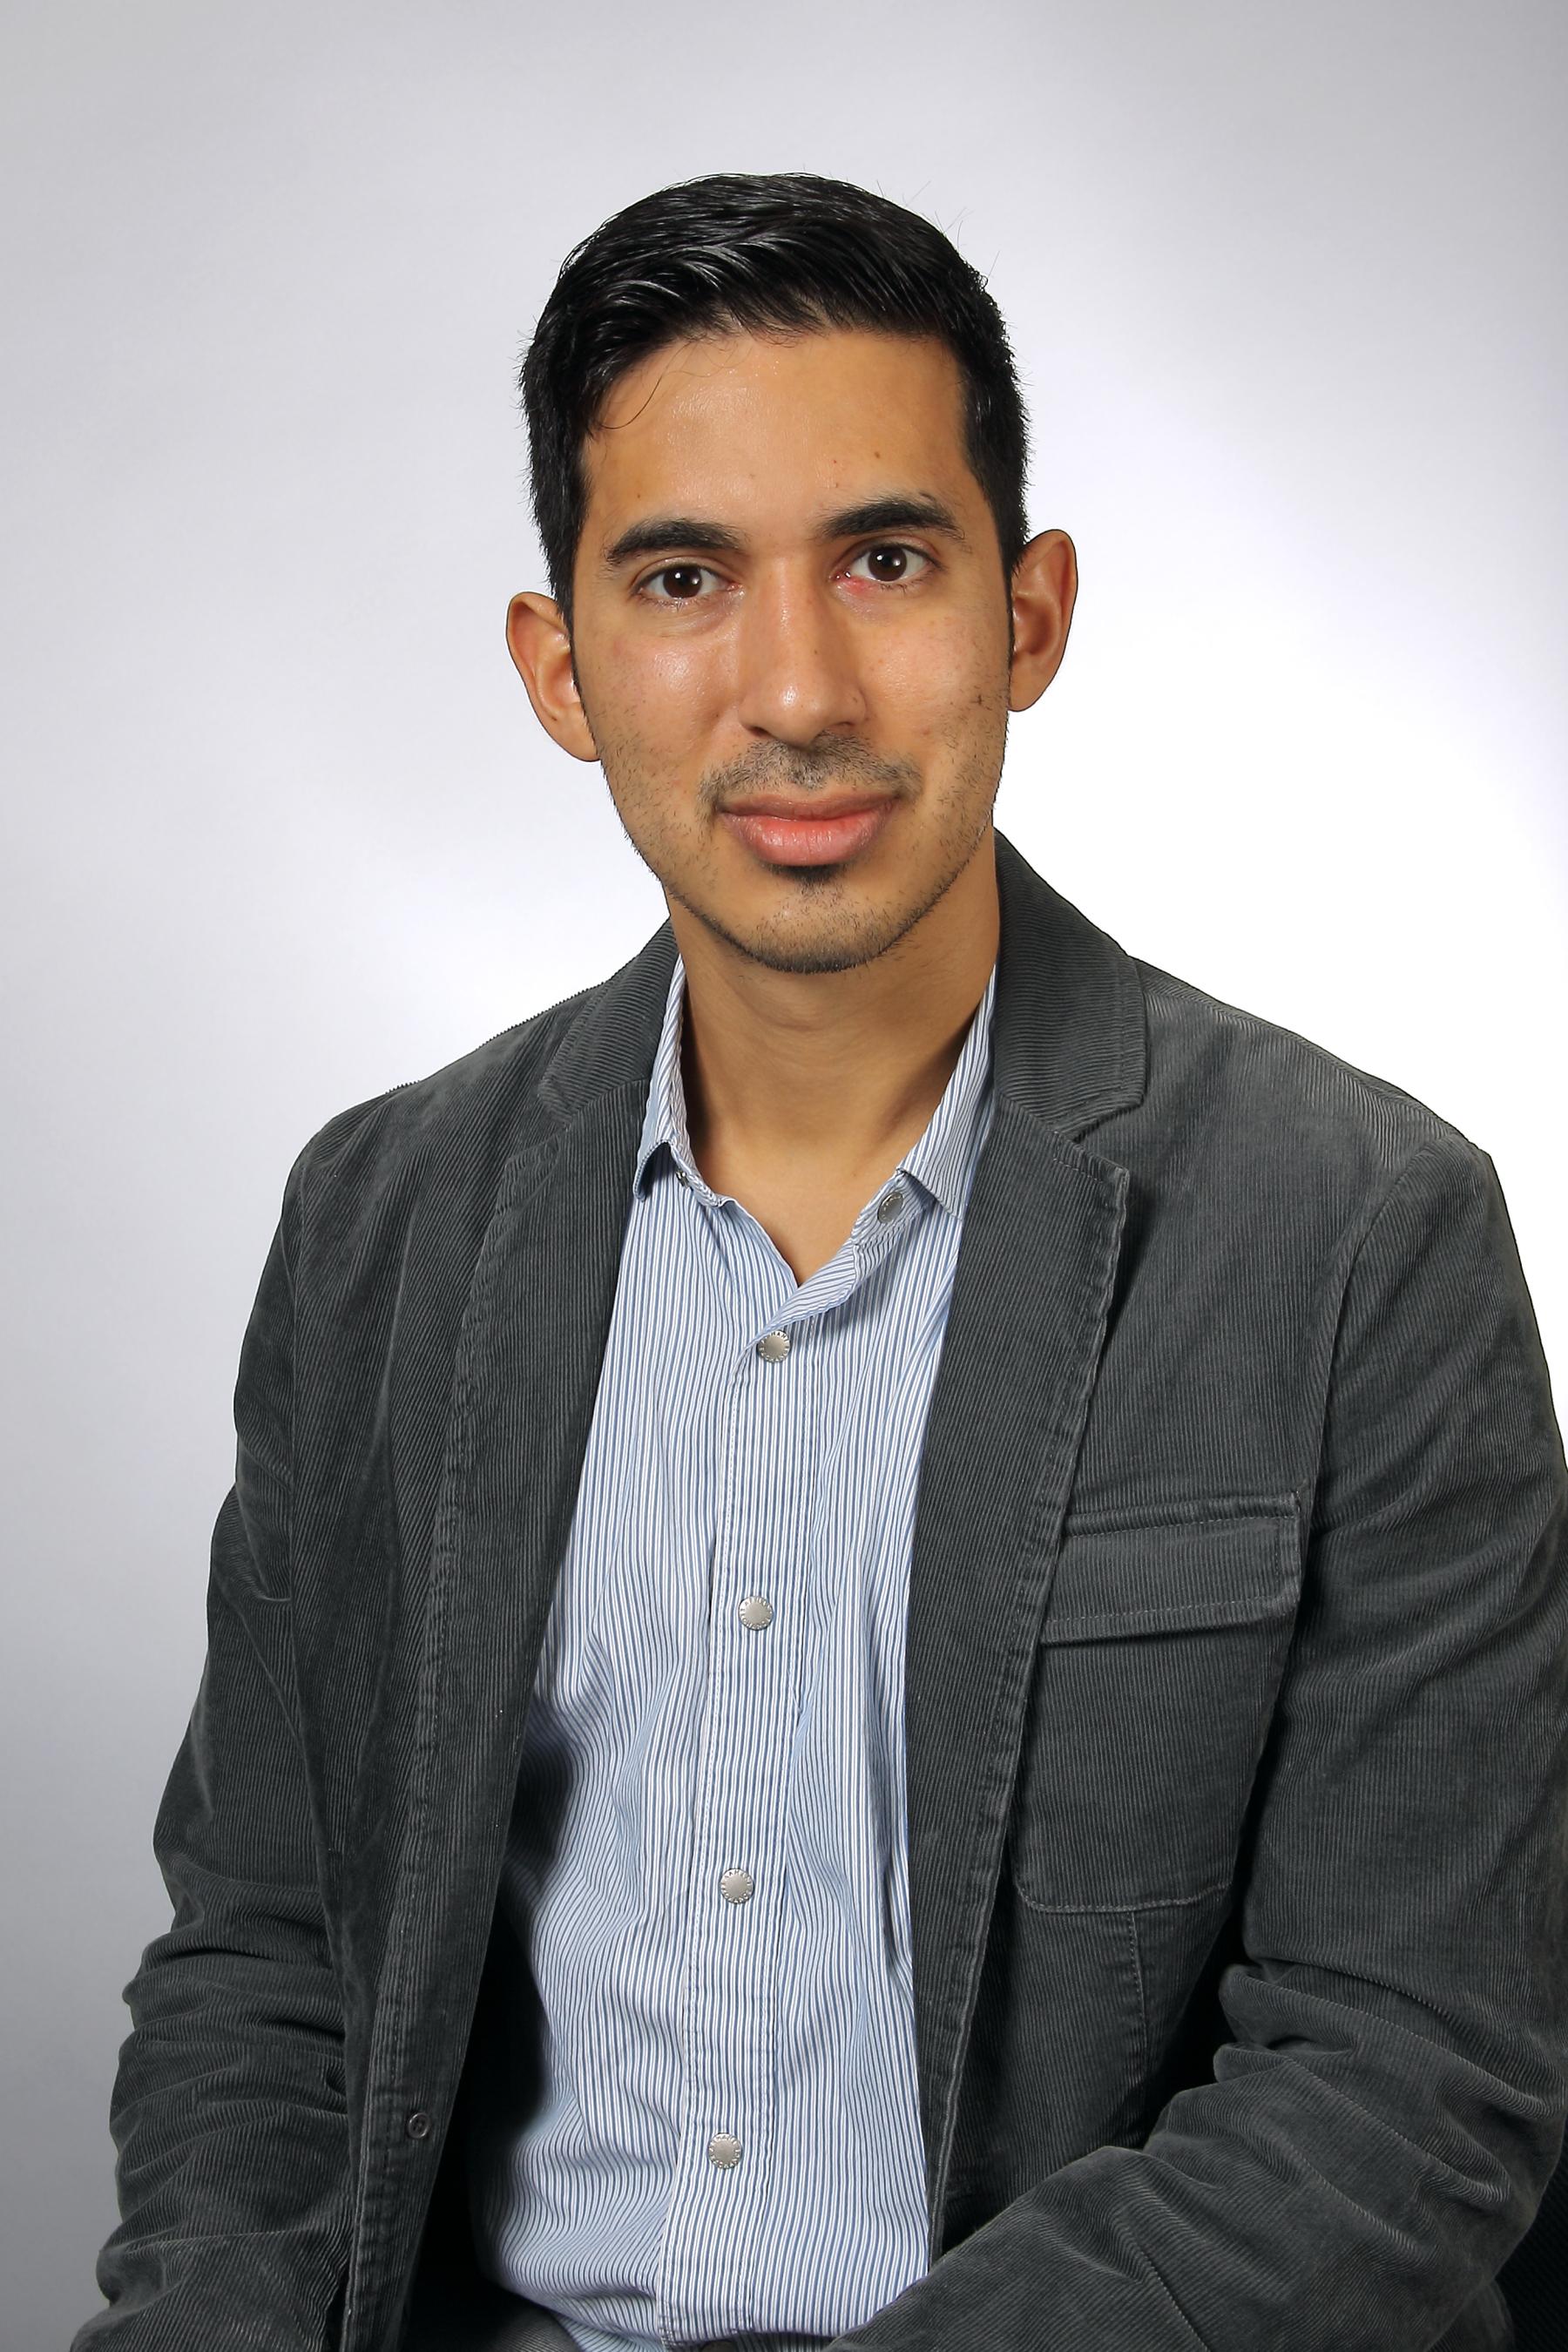 Fabio Raman, GS-4